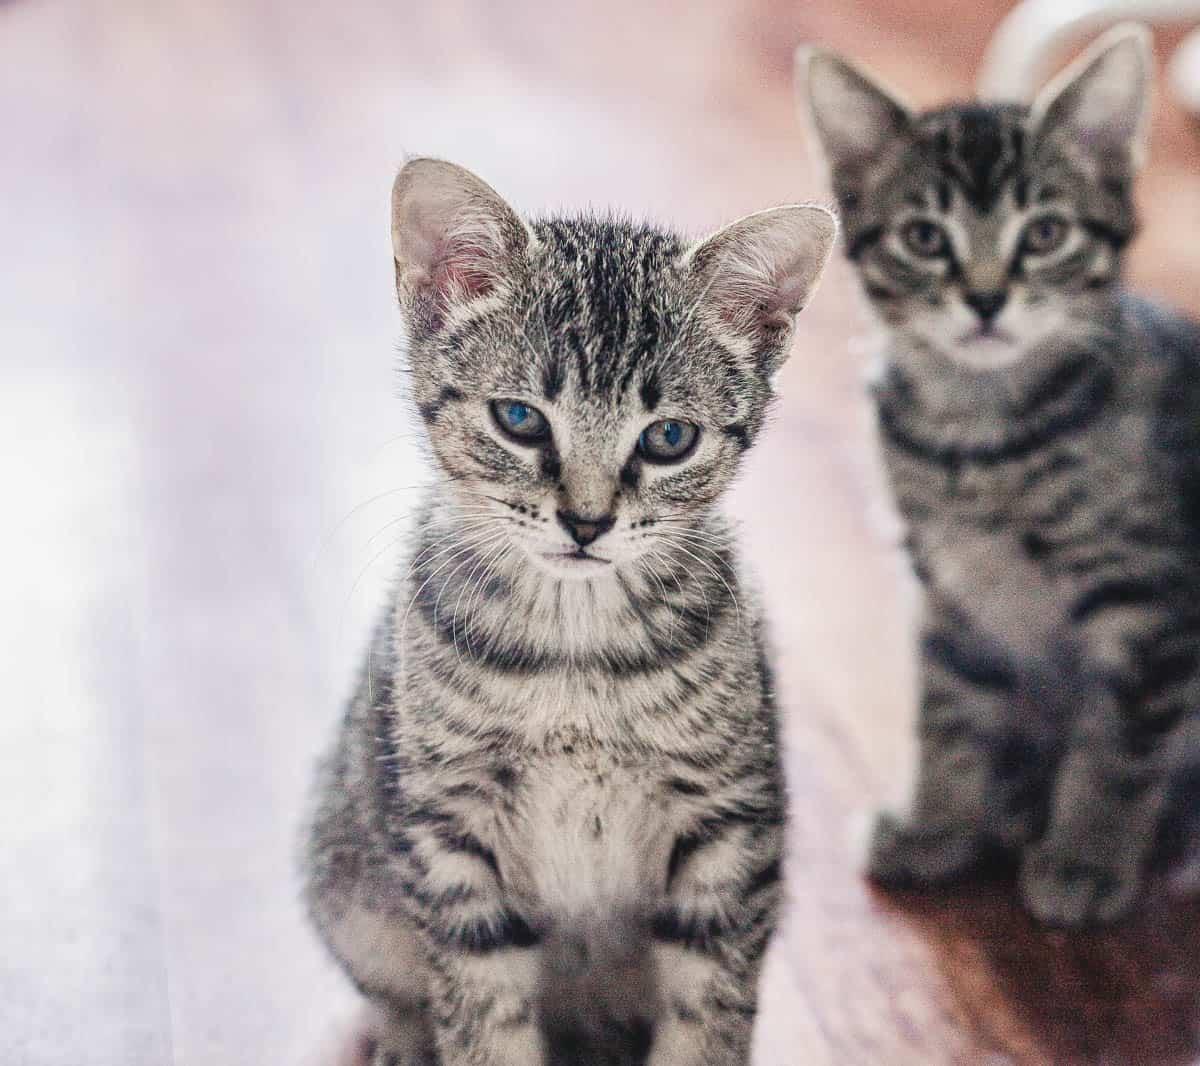 Deux chatons tigrés